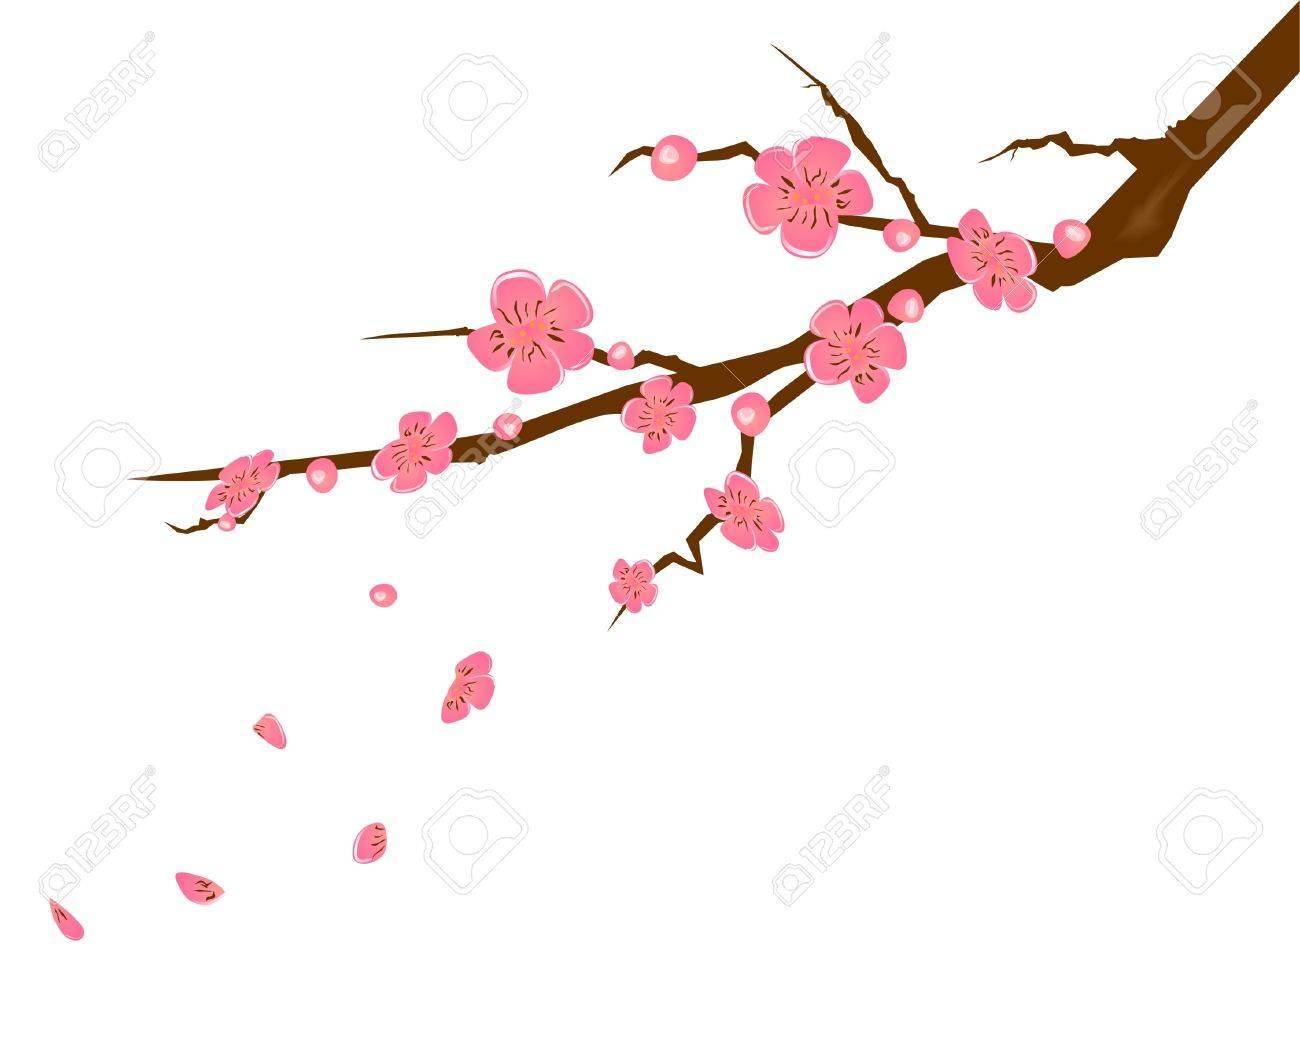 ピンクの桃の花イラストのイラスト素材ベクタ Image 10675947